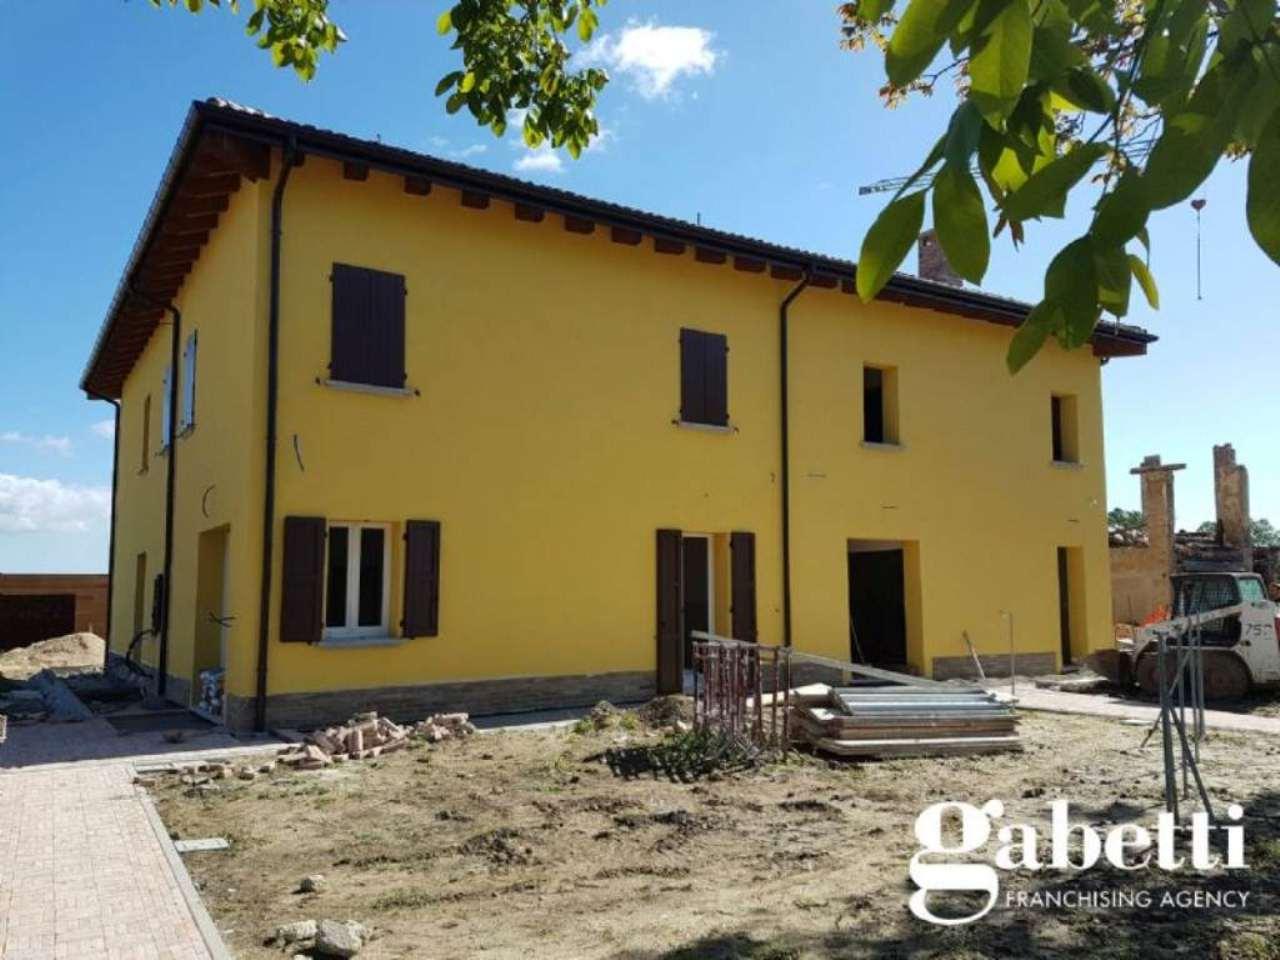 Soluzione Semindipendente in vendita a Castel Maggiore, 5 locali, prezzo € 570.000 | Cambio Casa.it